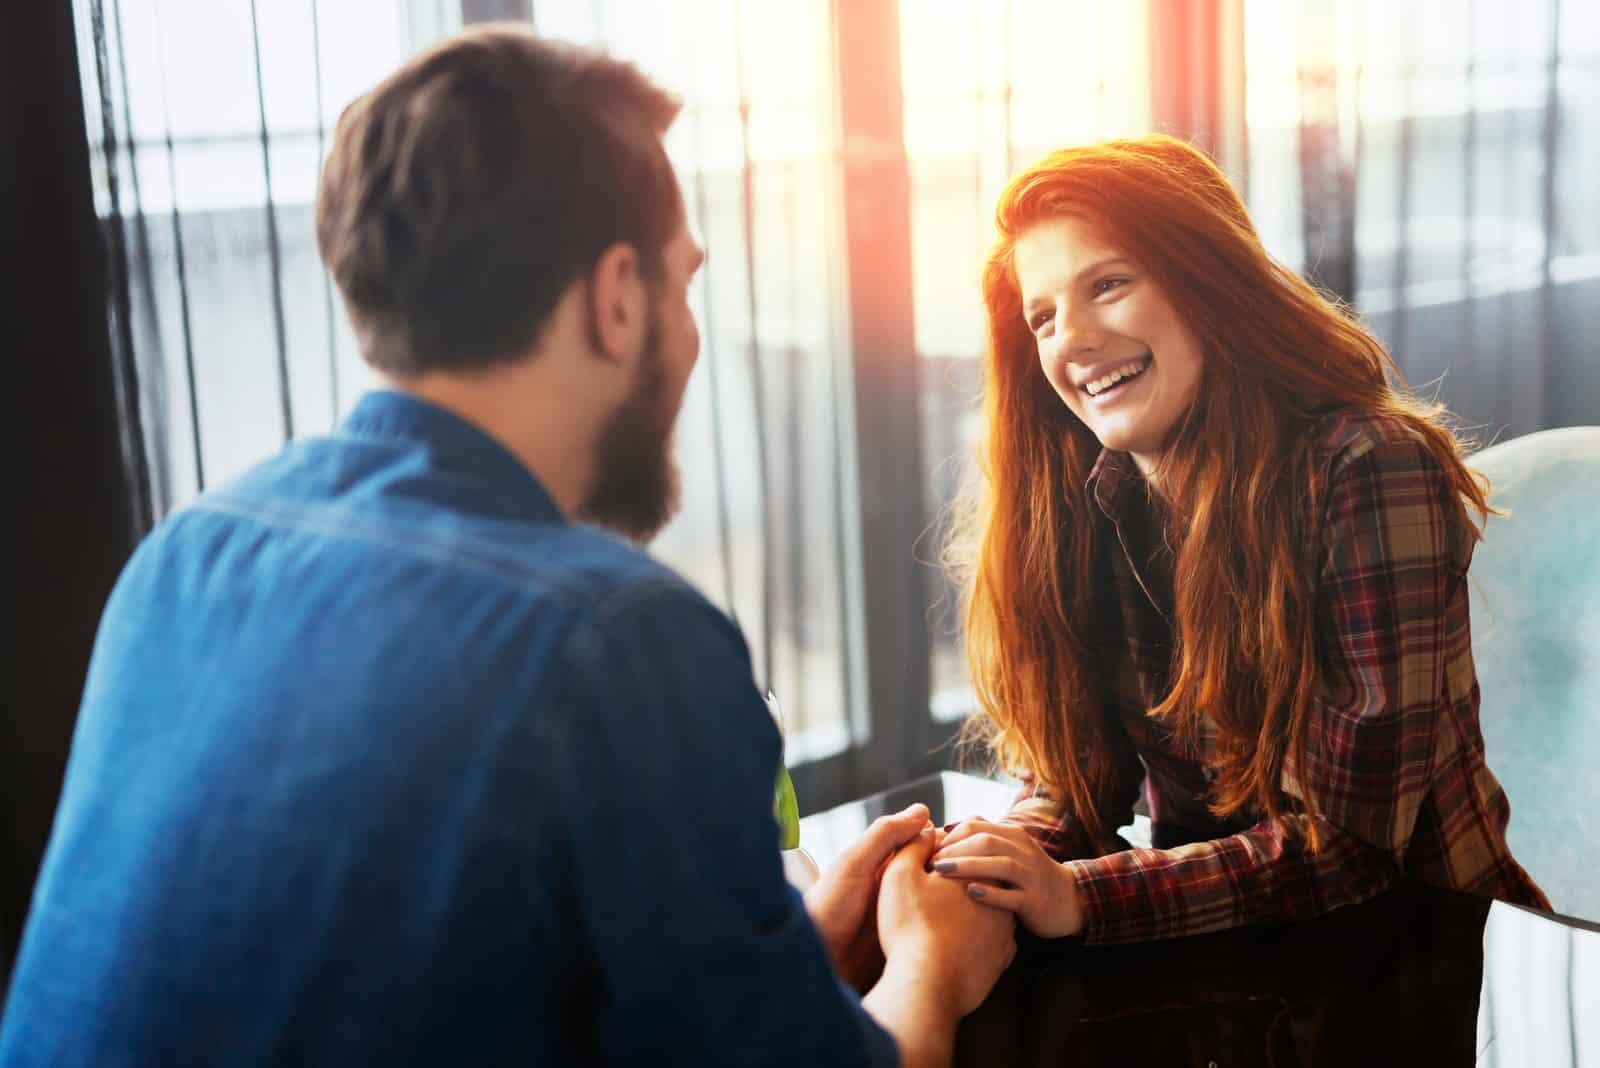 un homme et une femme parlent en se tenant la main